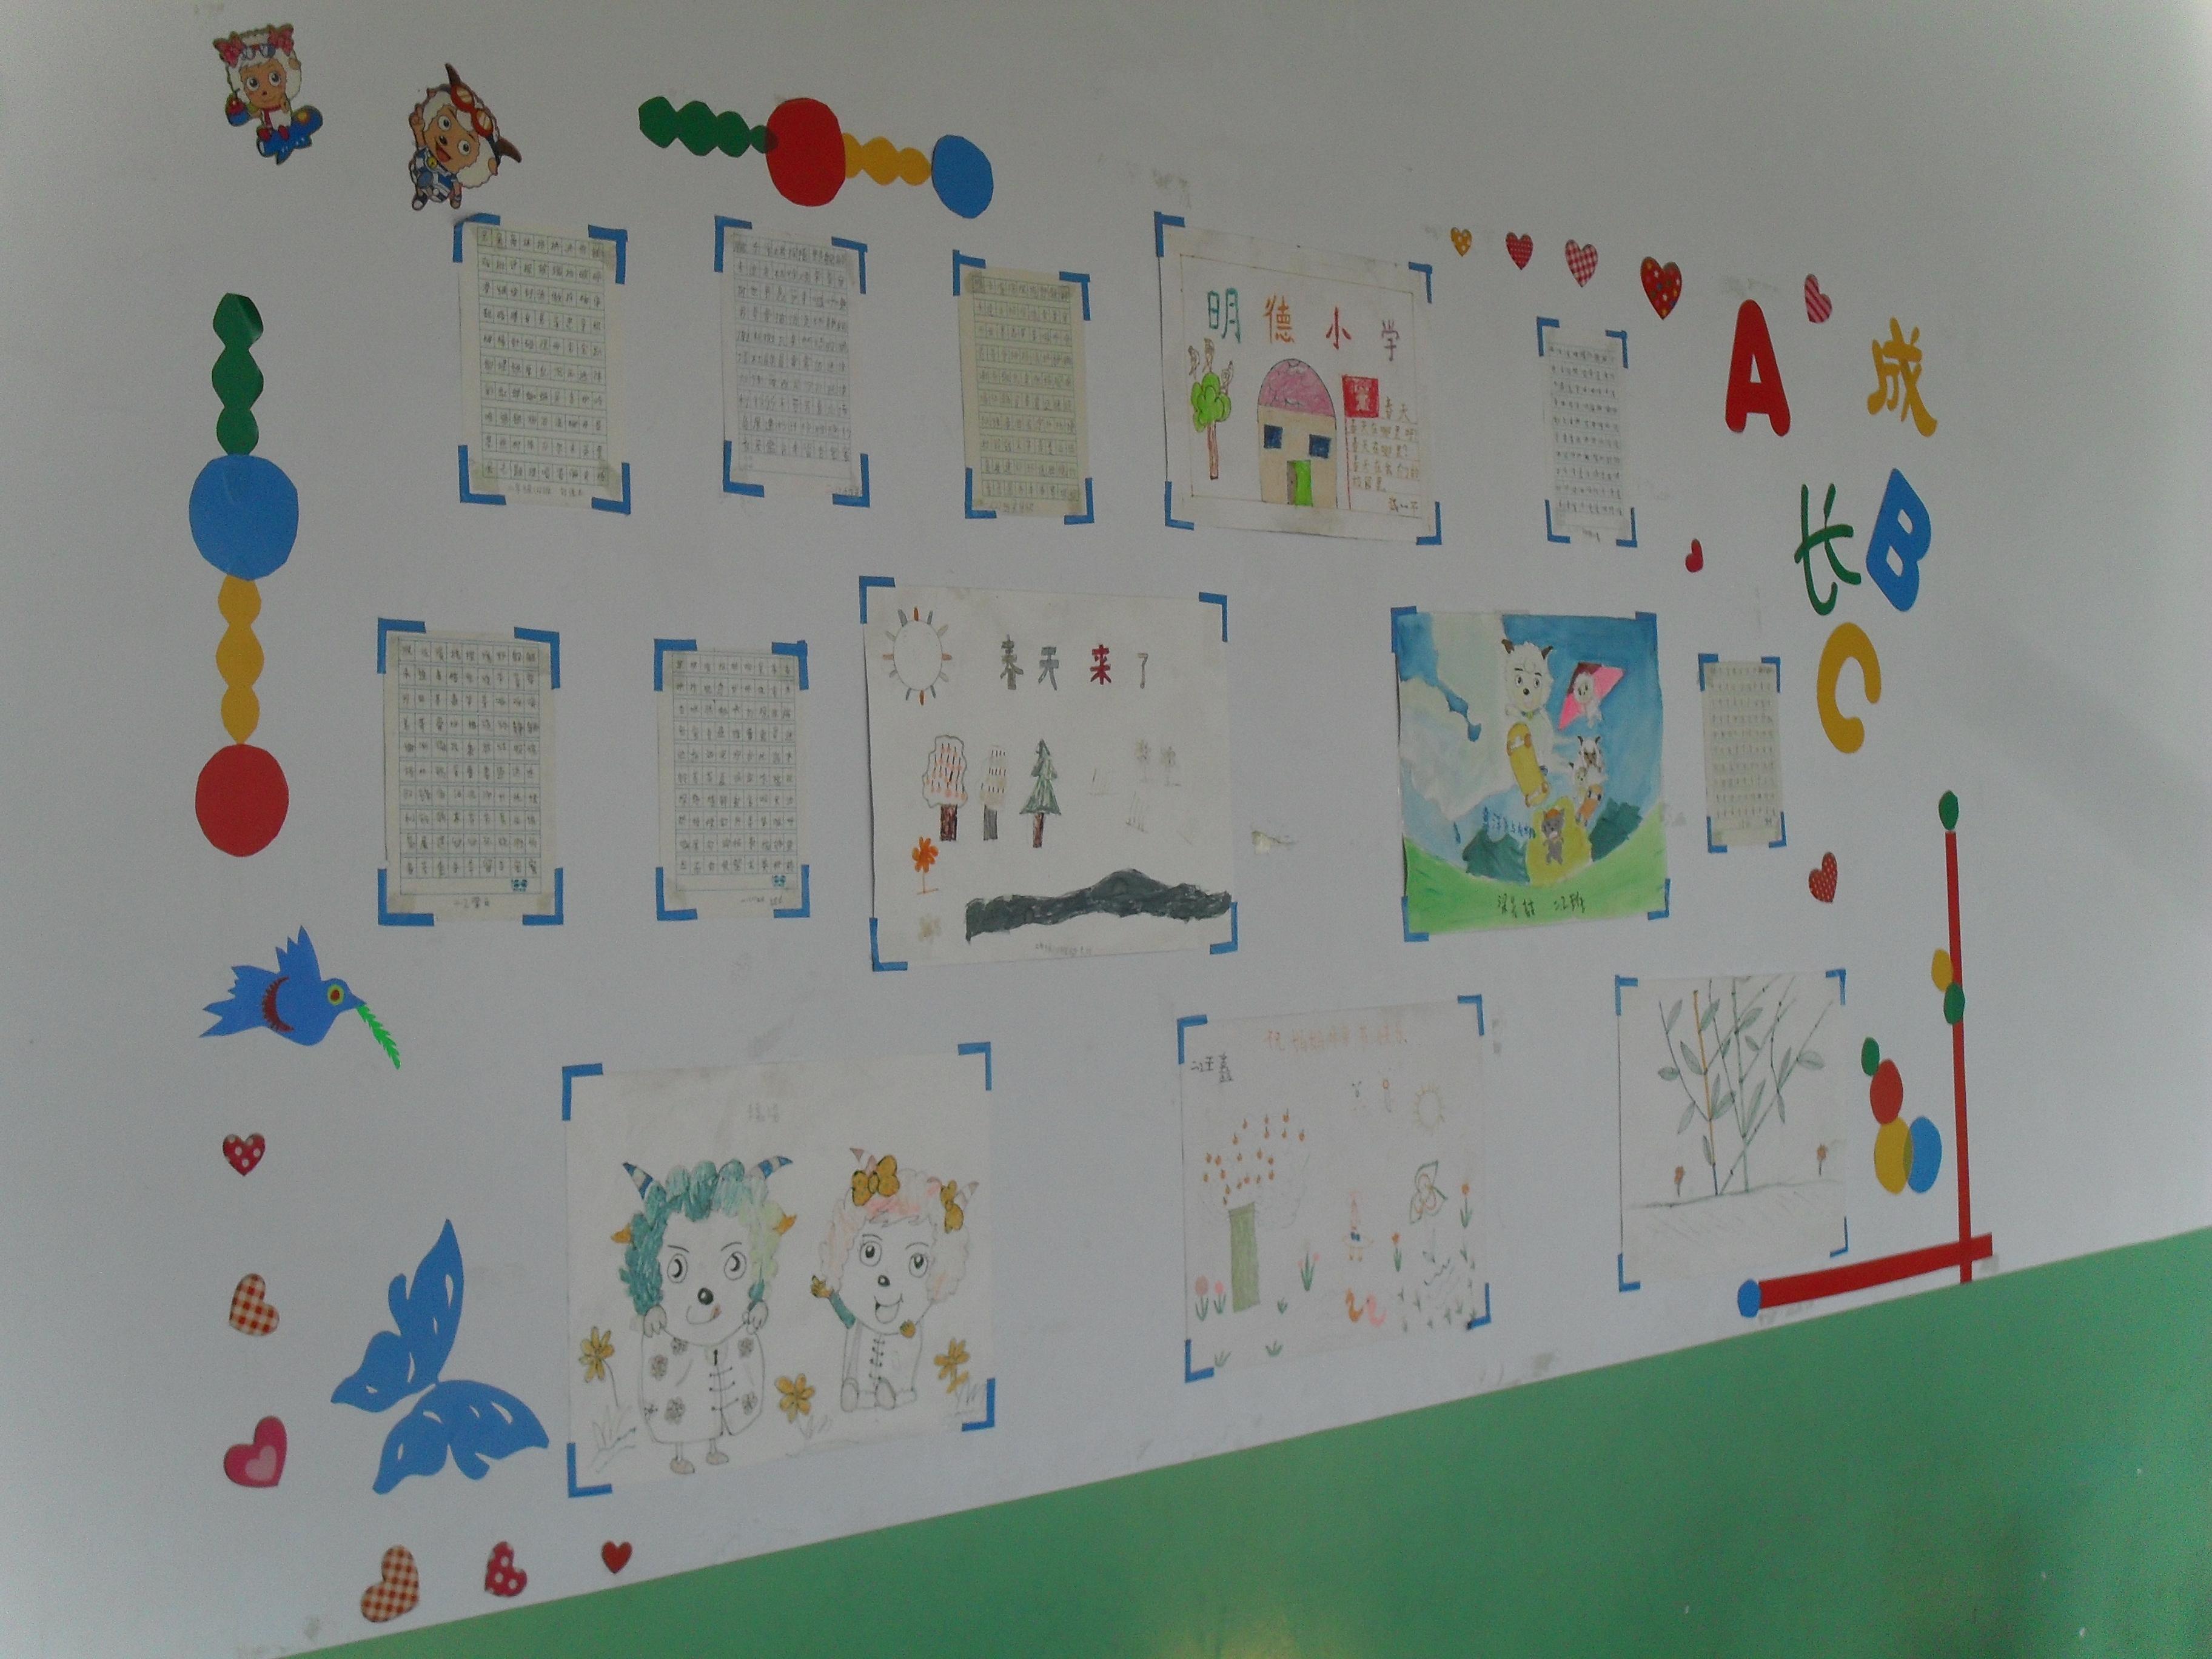 班级小组文化布置图片-优秀班级文化布置图片-班级文化教室布置图片图片